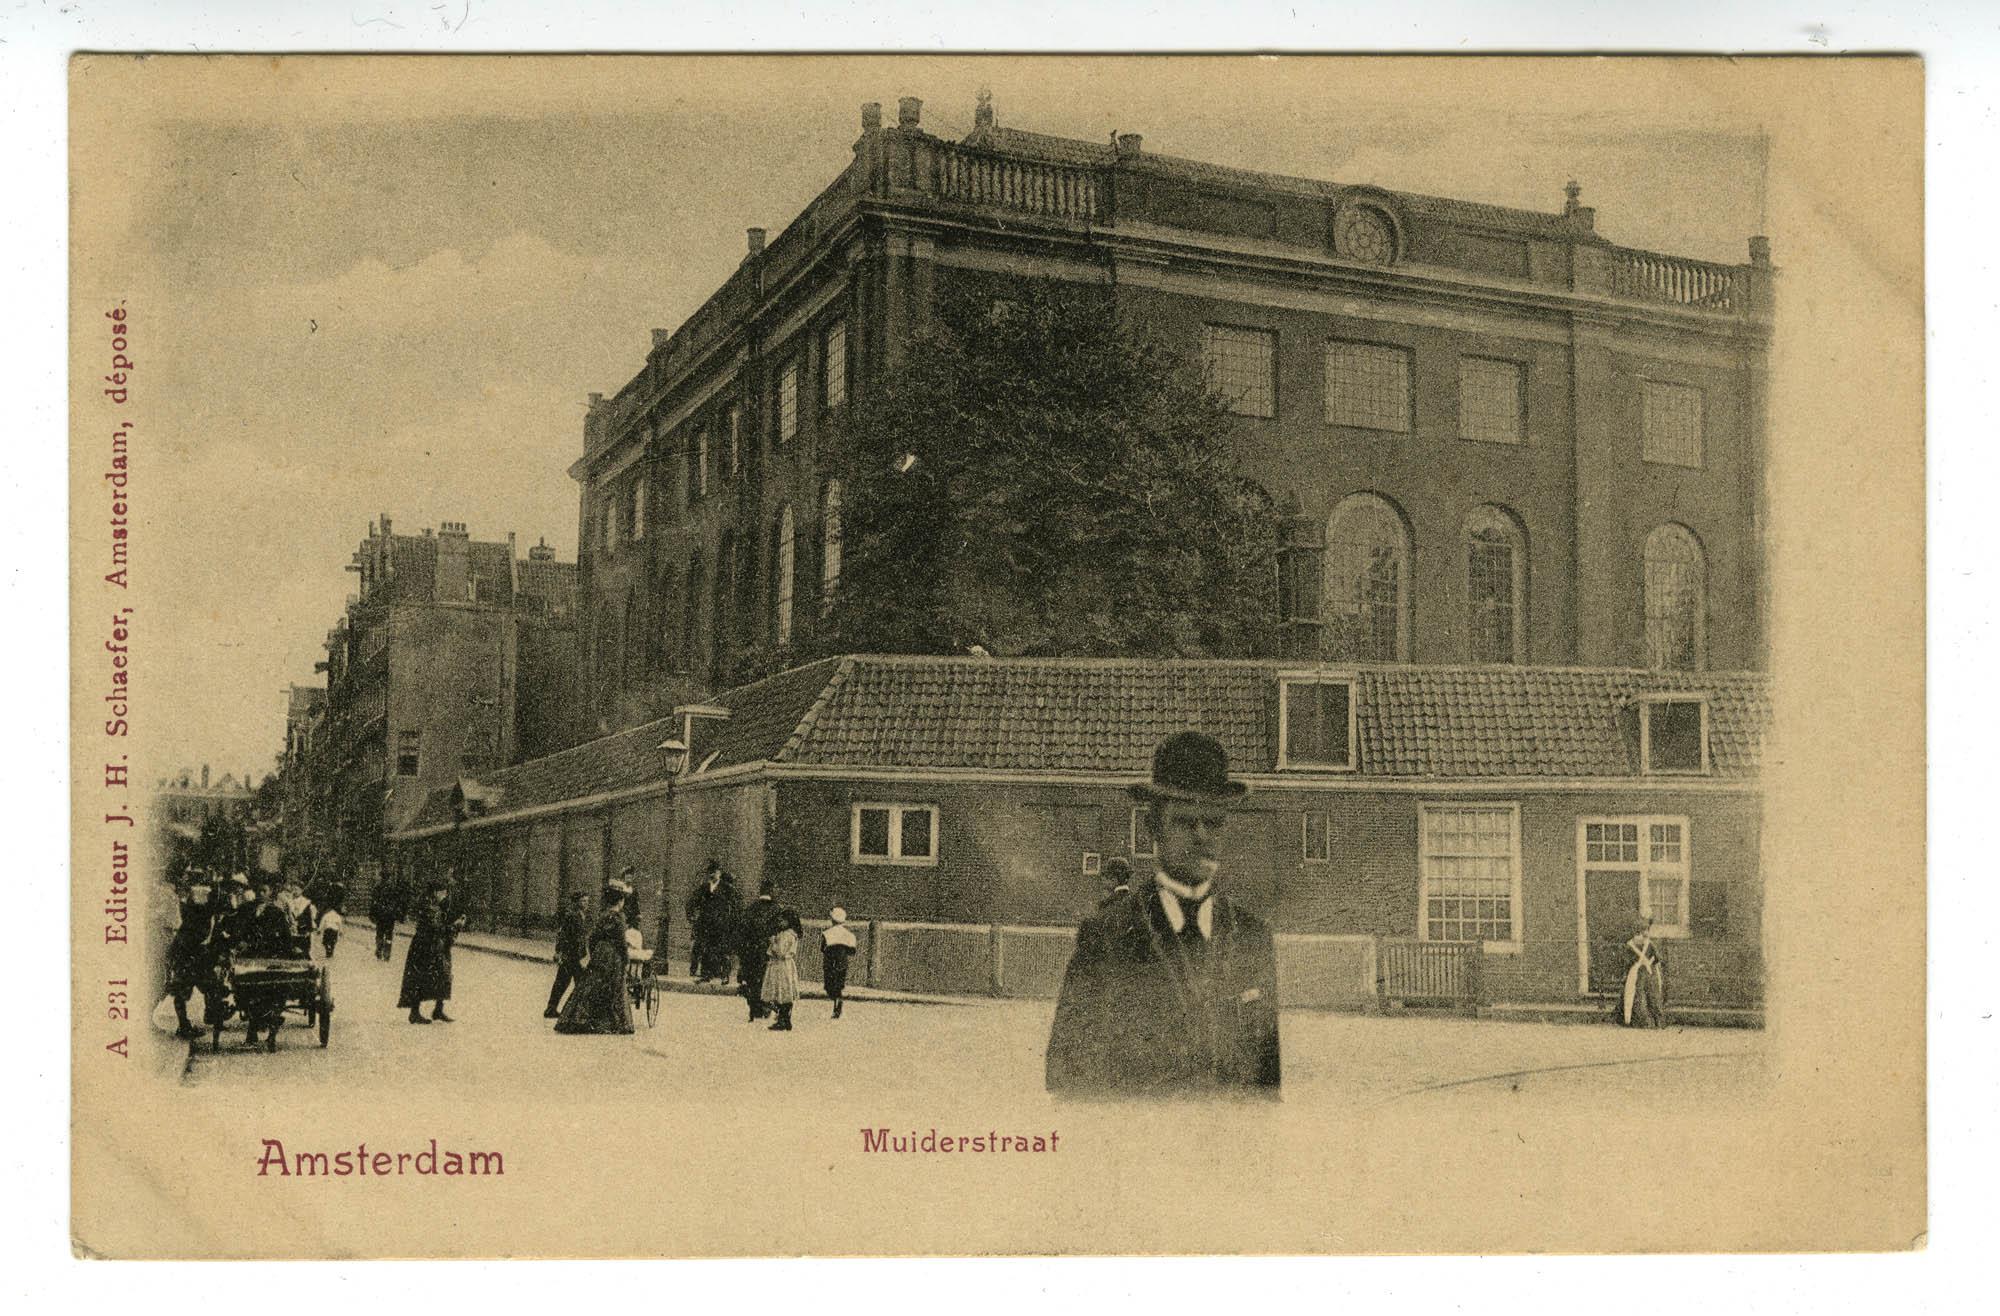 Amsterdam, Muiderstraat